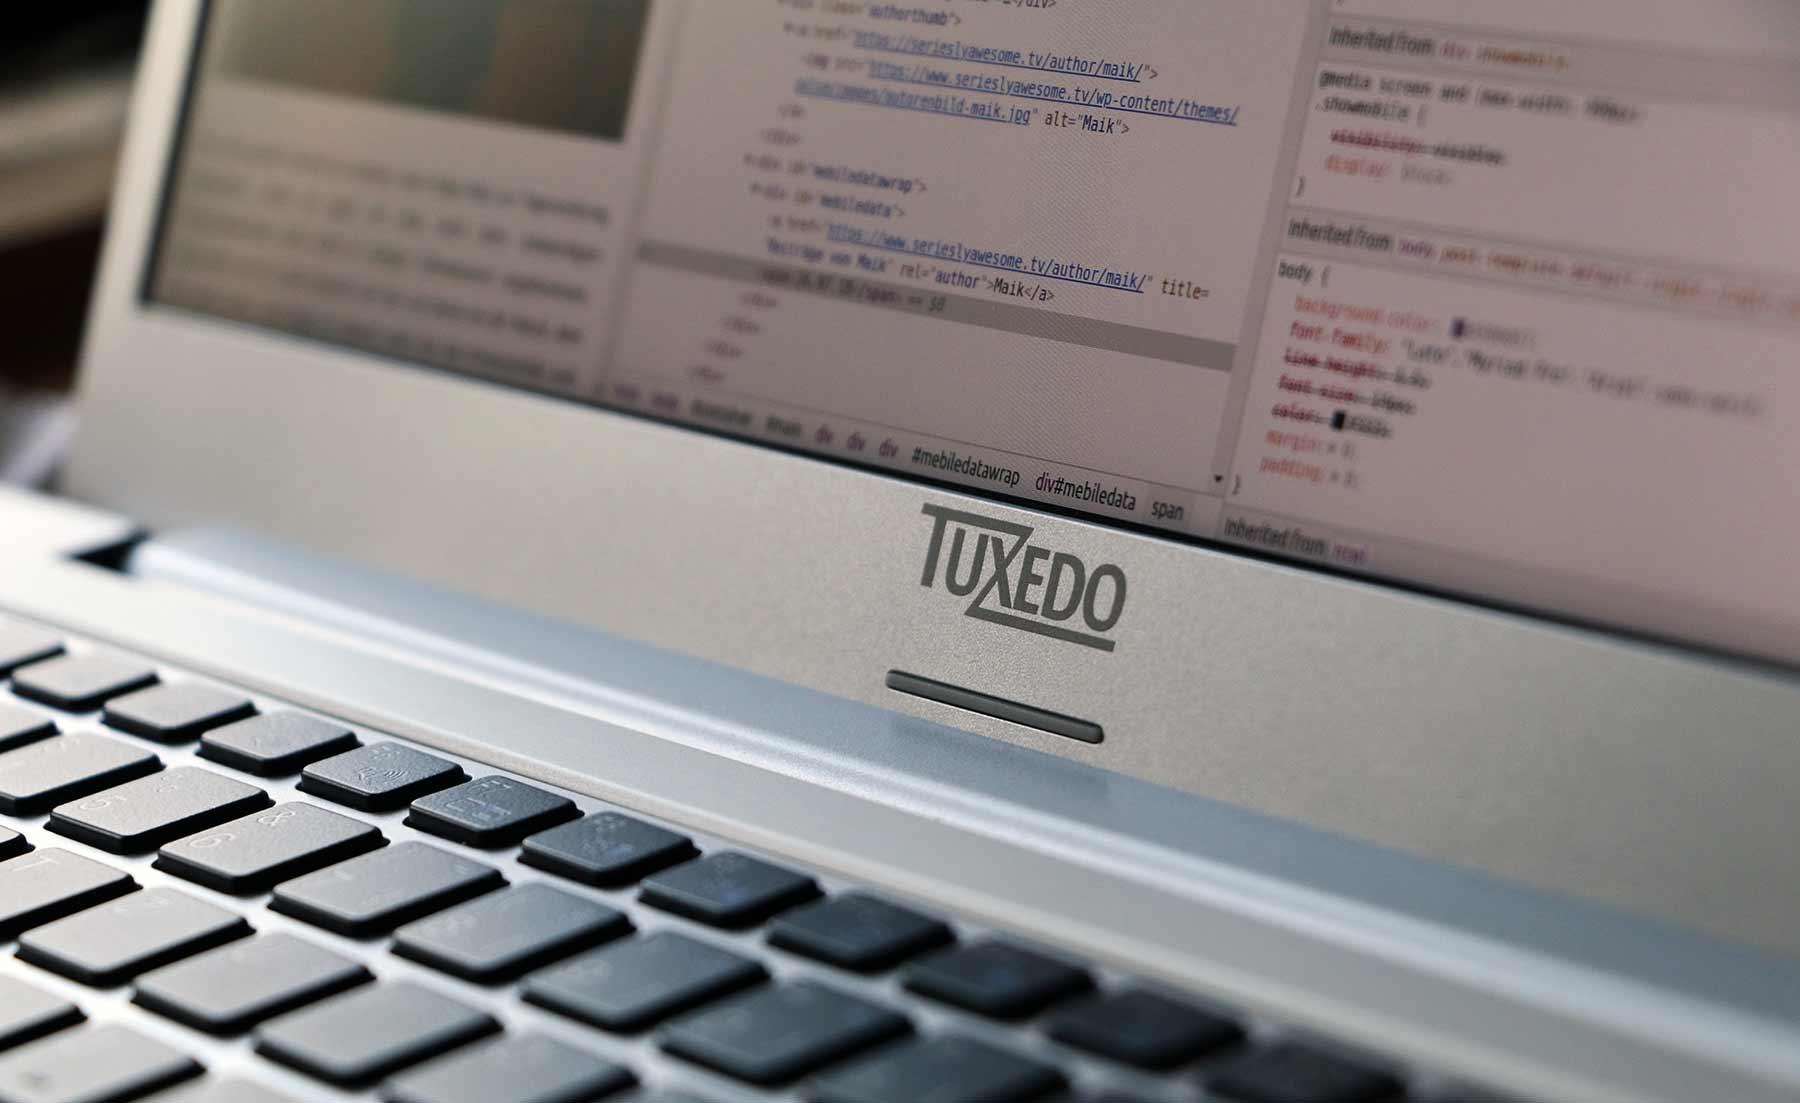 Mein erstes Mal mit Linux Tuxedo-Linux-Test_05